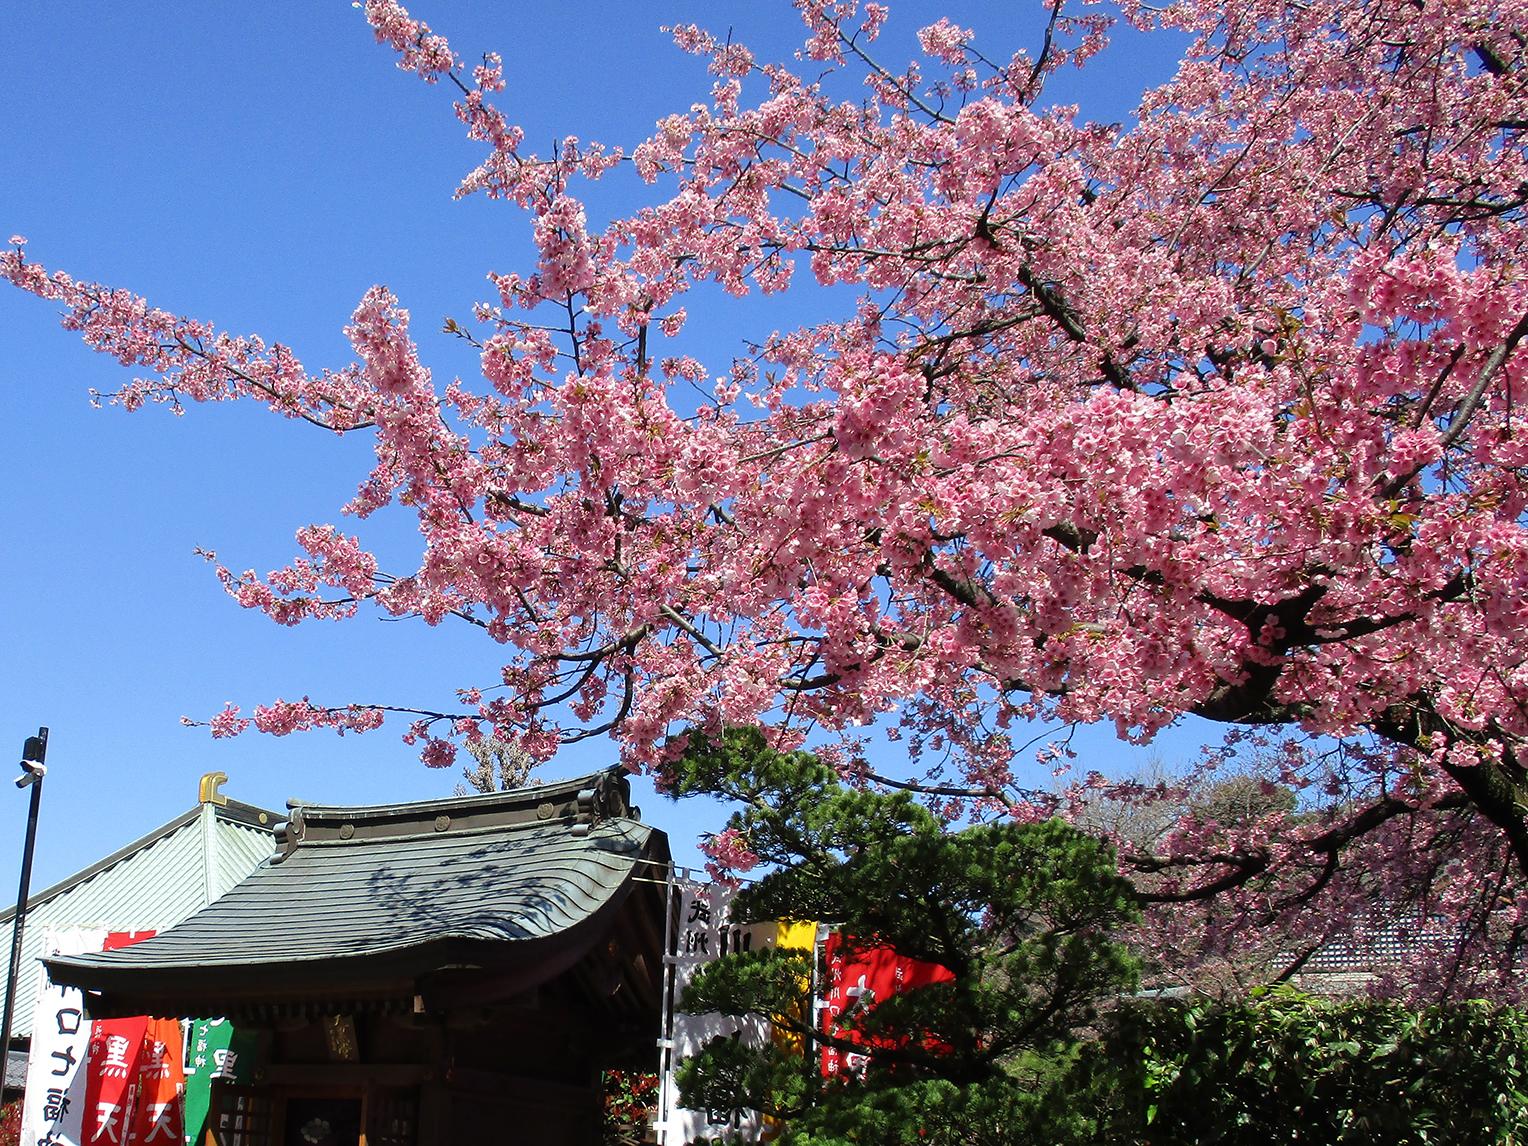 密蔵院(川口)のアクセスや駐車場の混雑具合は?安行桜の満開見頃に訪問!